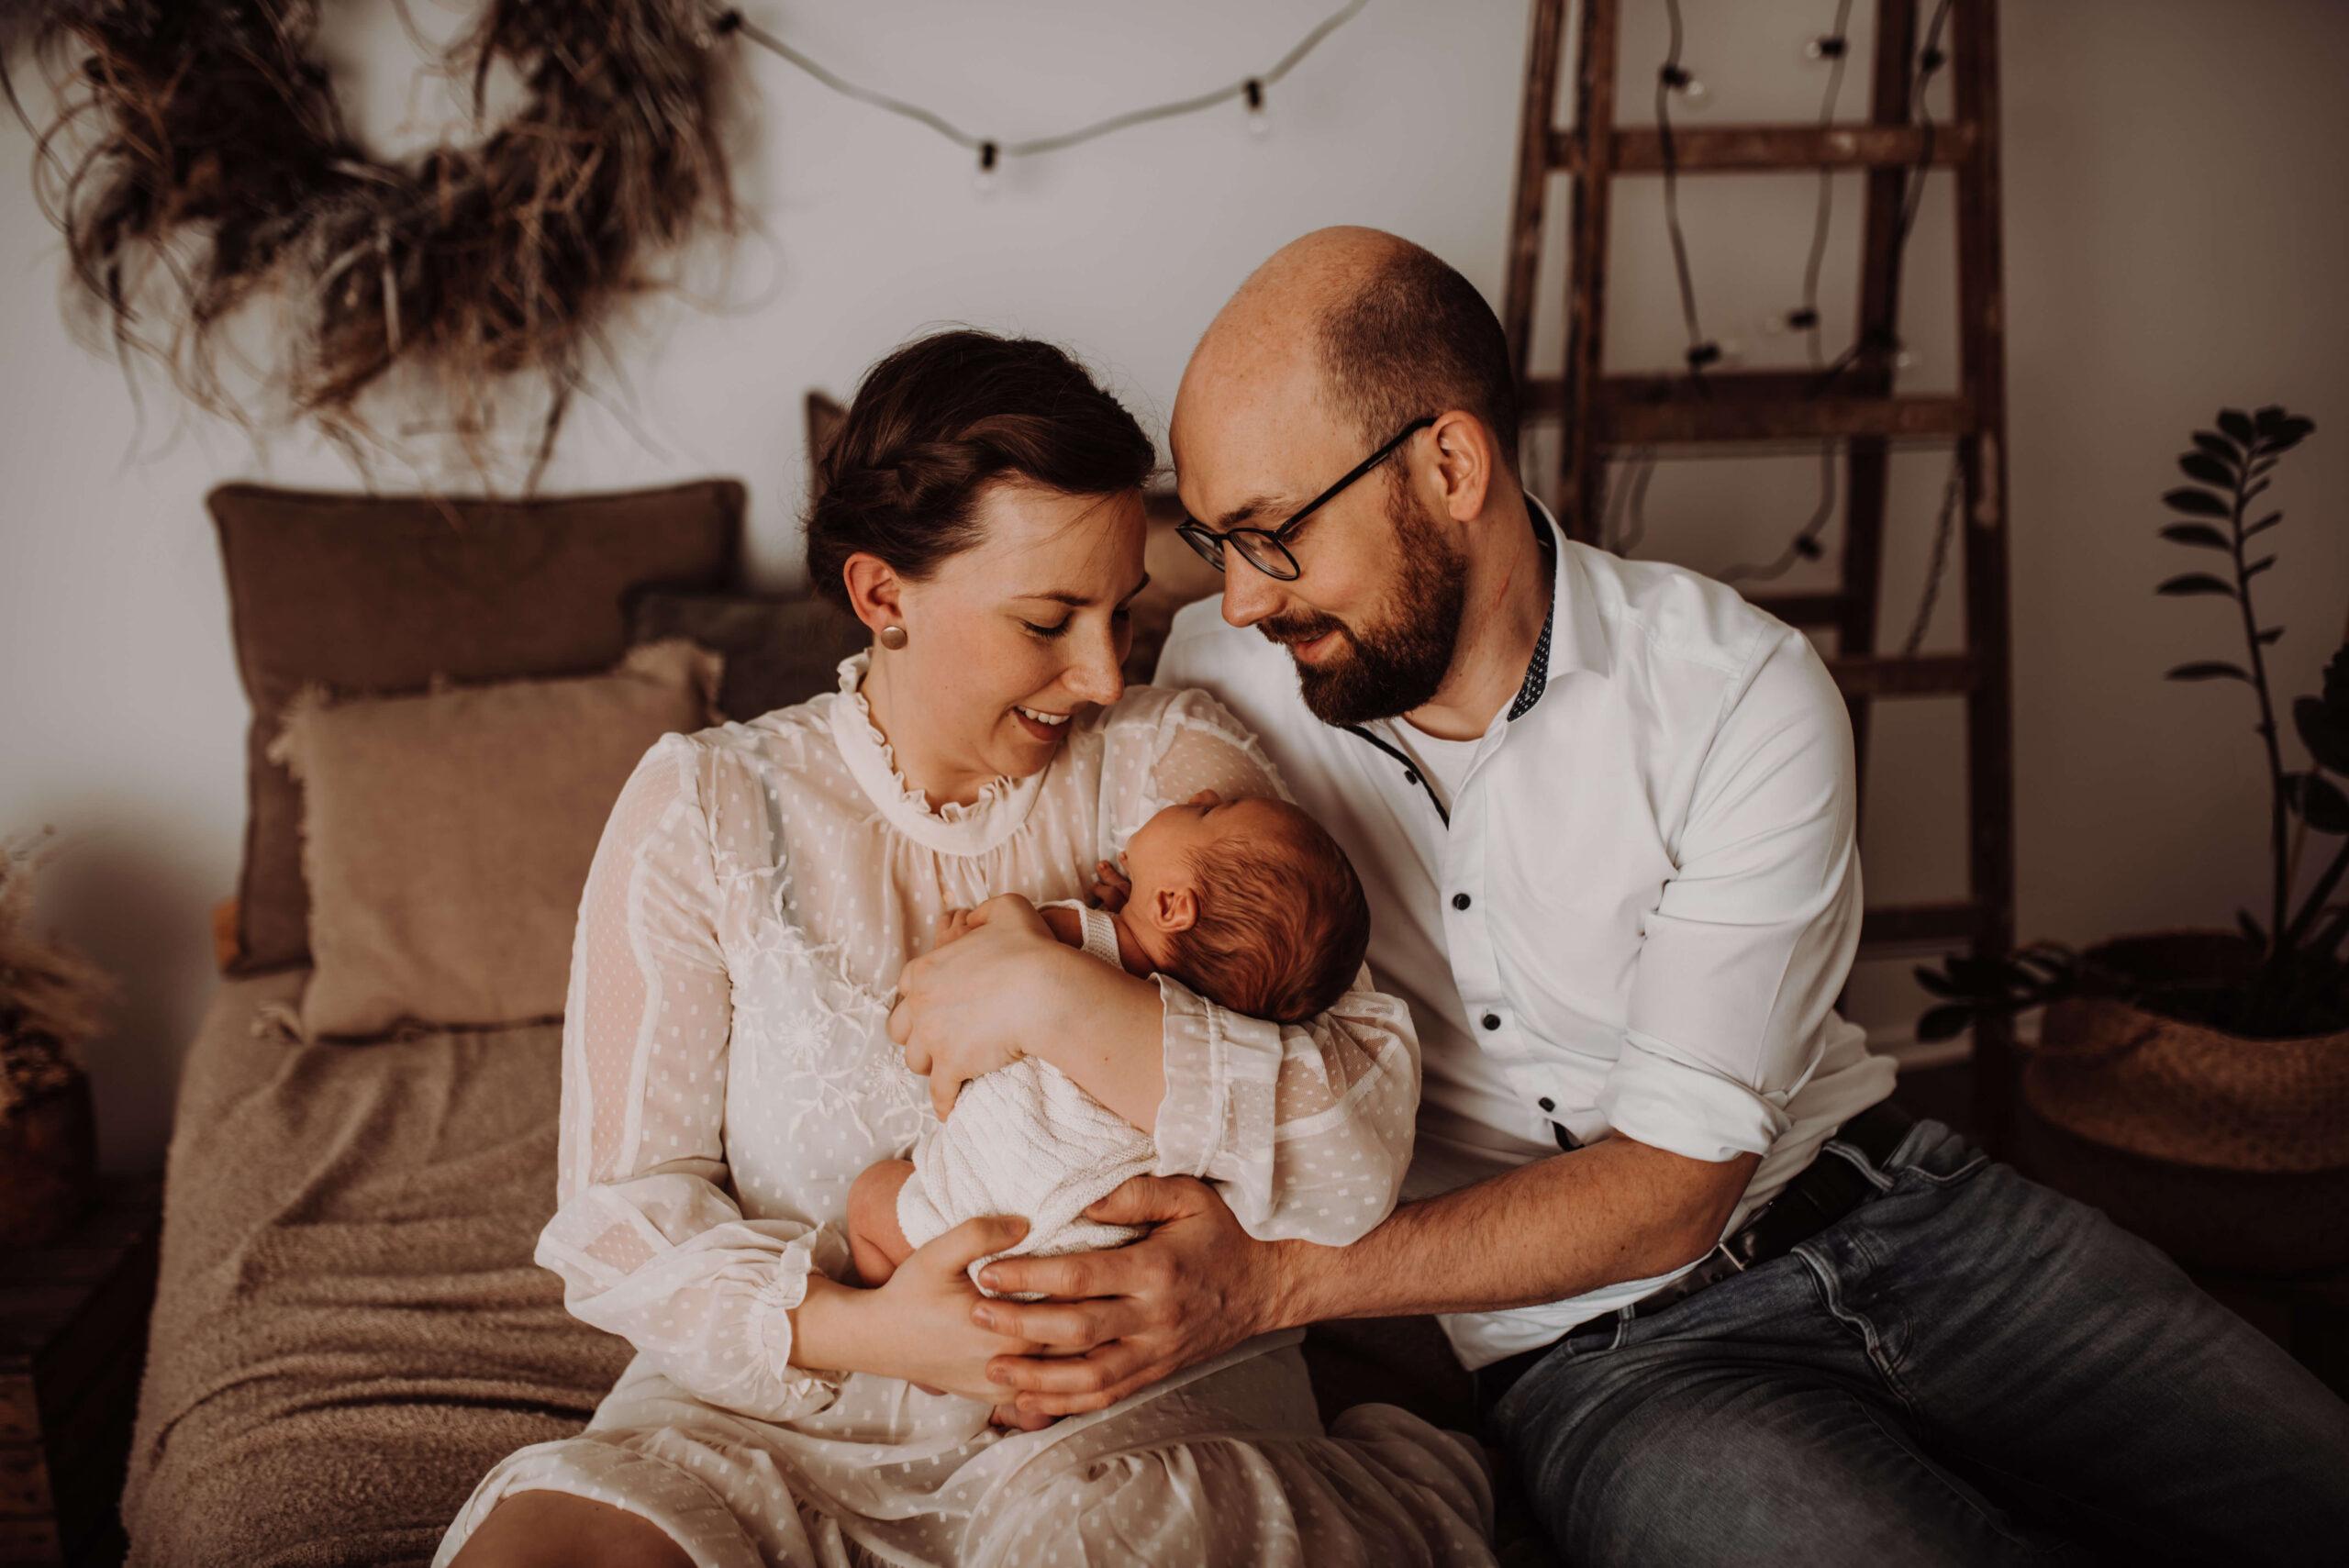 Mutter und Vater halten stolz Baby im Arm, sitzen auf Bett im Fotostudio